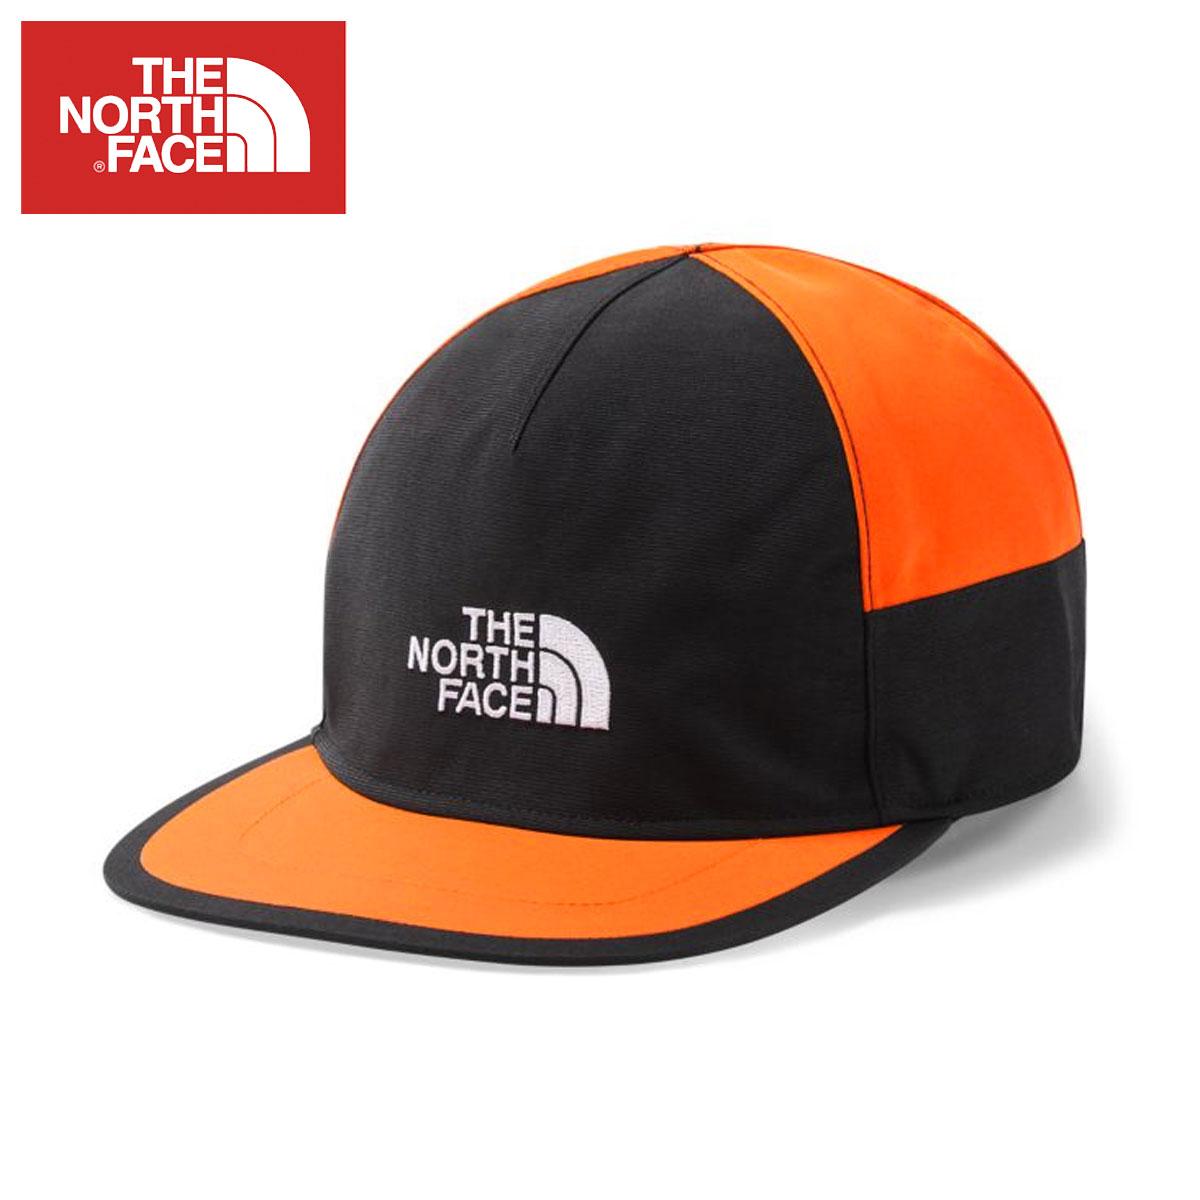 【ポイント10倍 6/4 20:00~6/11 01:59まで】 ノースフェイス THE NORTH FACE 正規品 メンズ レディース キャップ 帽子 GORE MOUNTAIN BALL CAP PERSIAN ORANGE/TNF BLACK 父の日